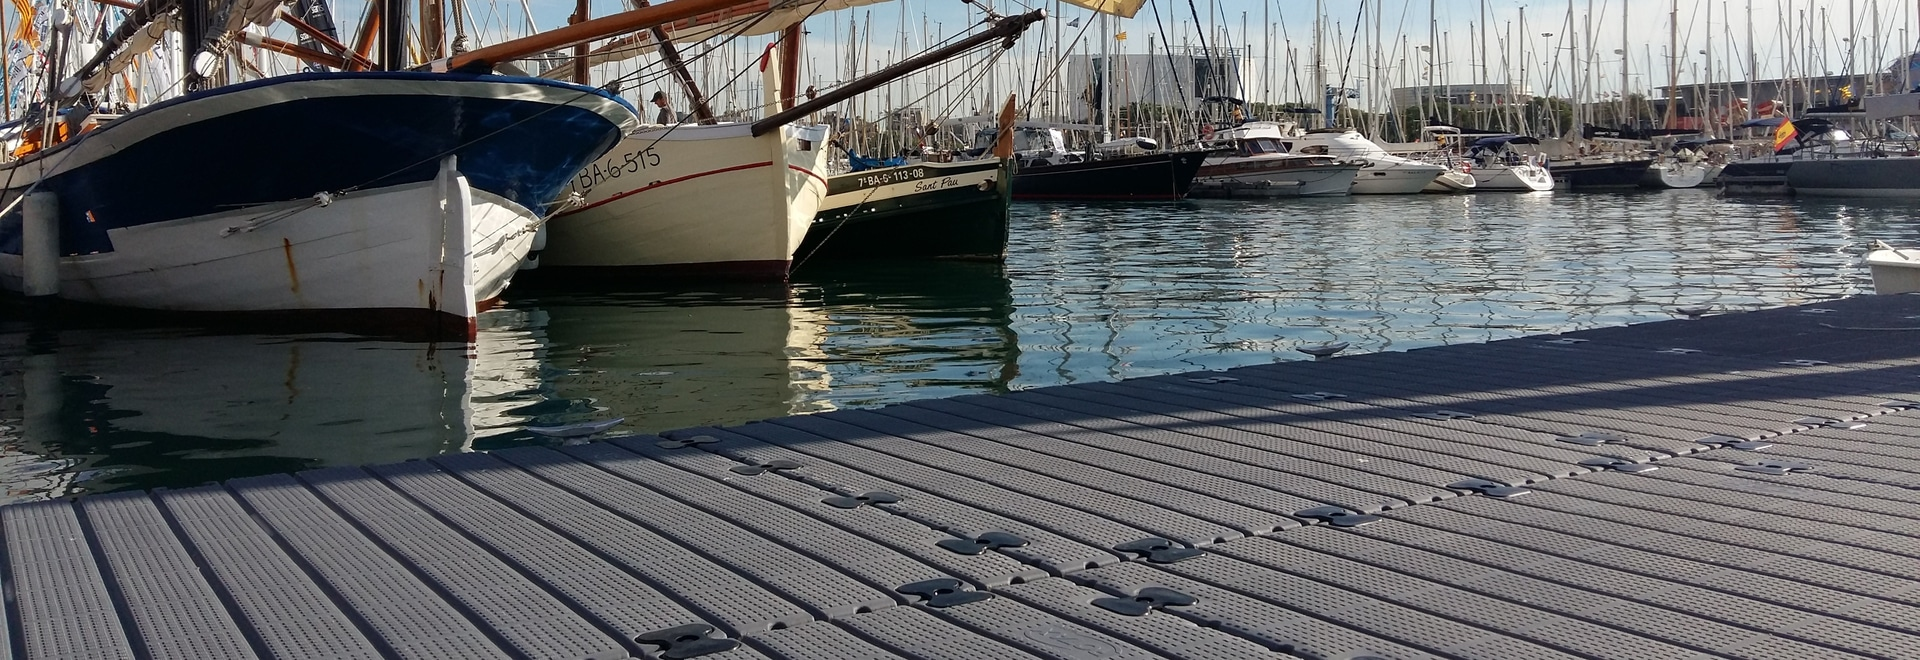 modulaires dei pontons